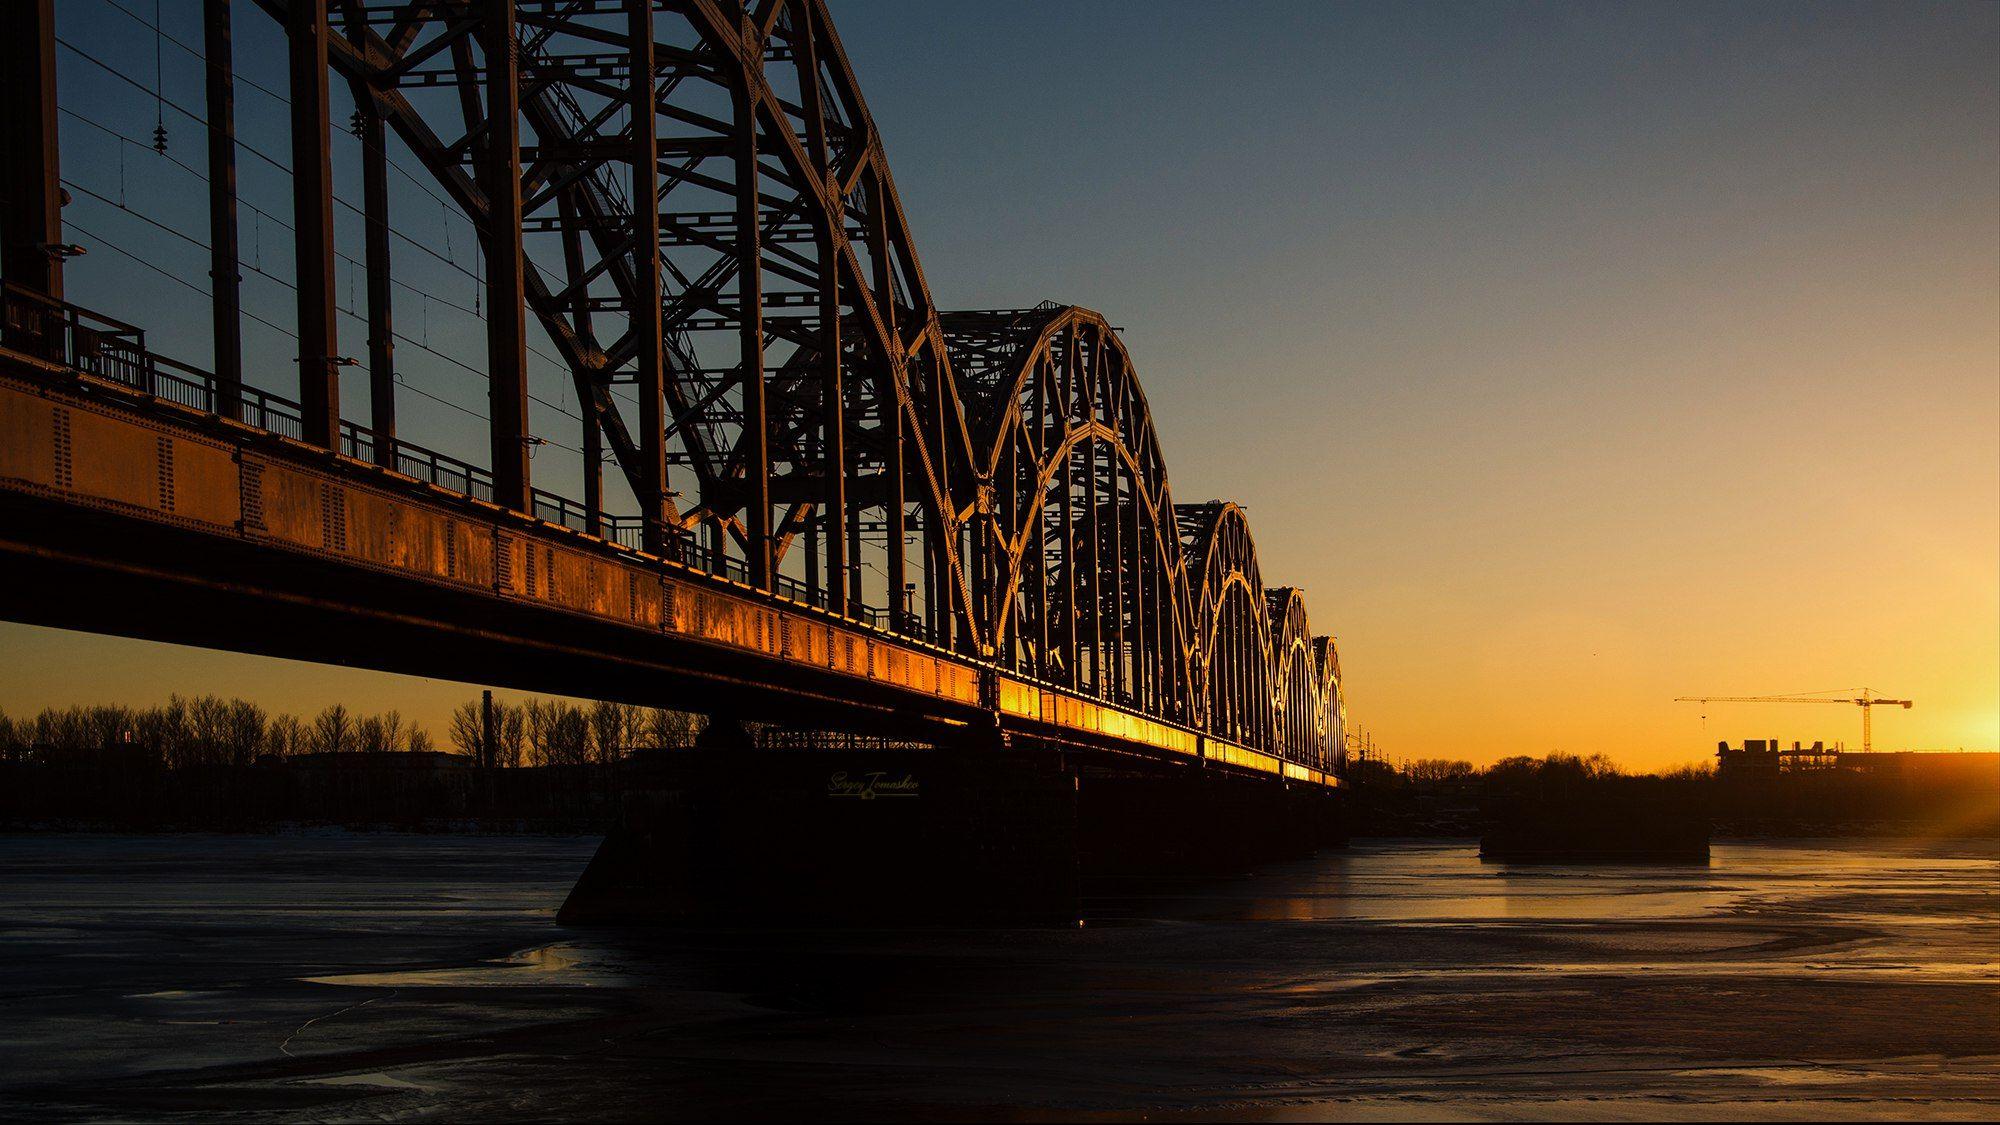 пейзаж, мост, закат, латвия, Томашев Сергей